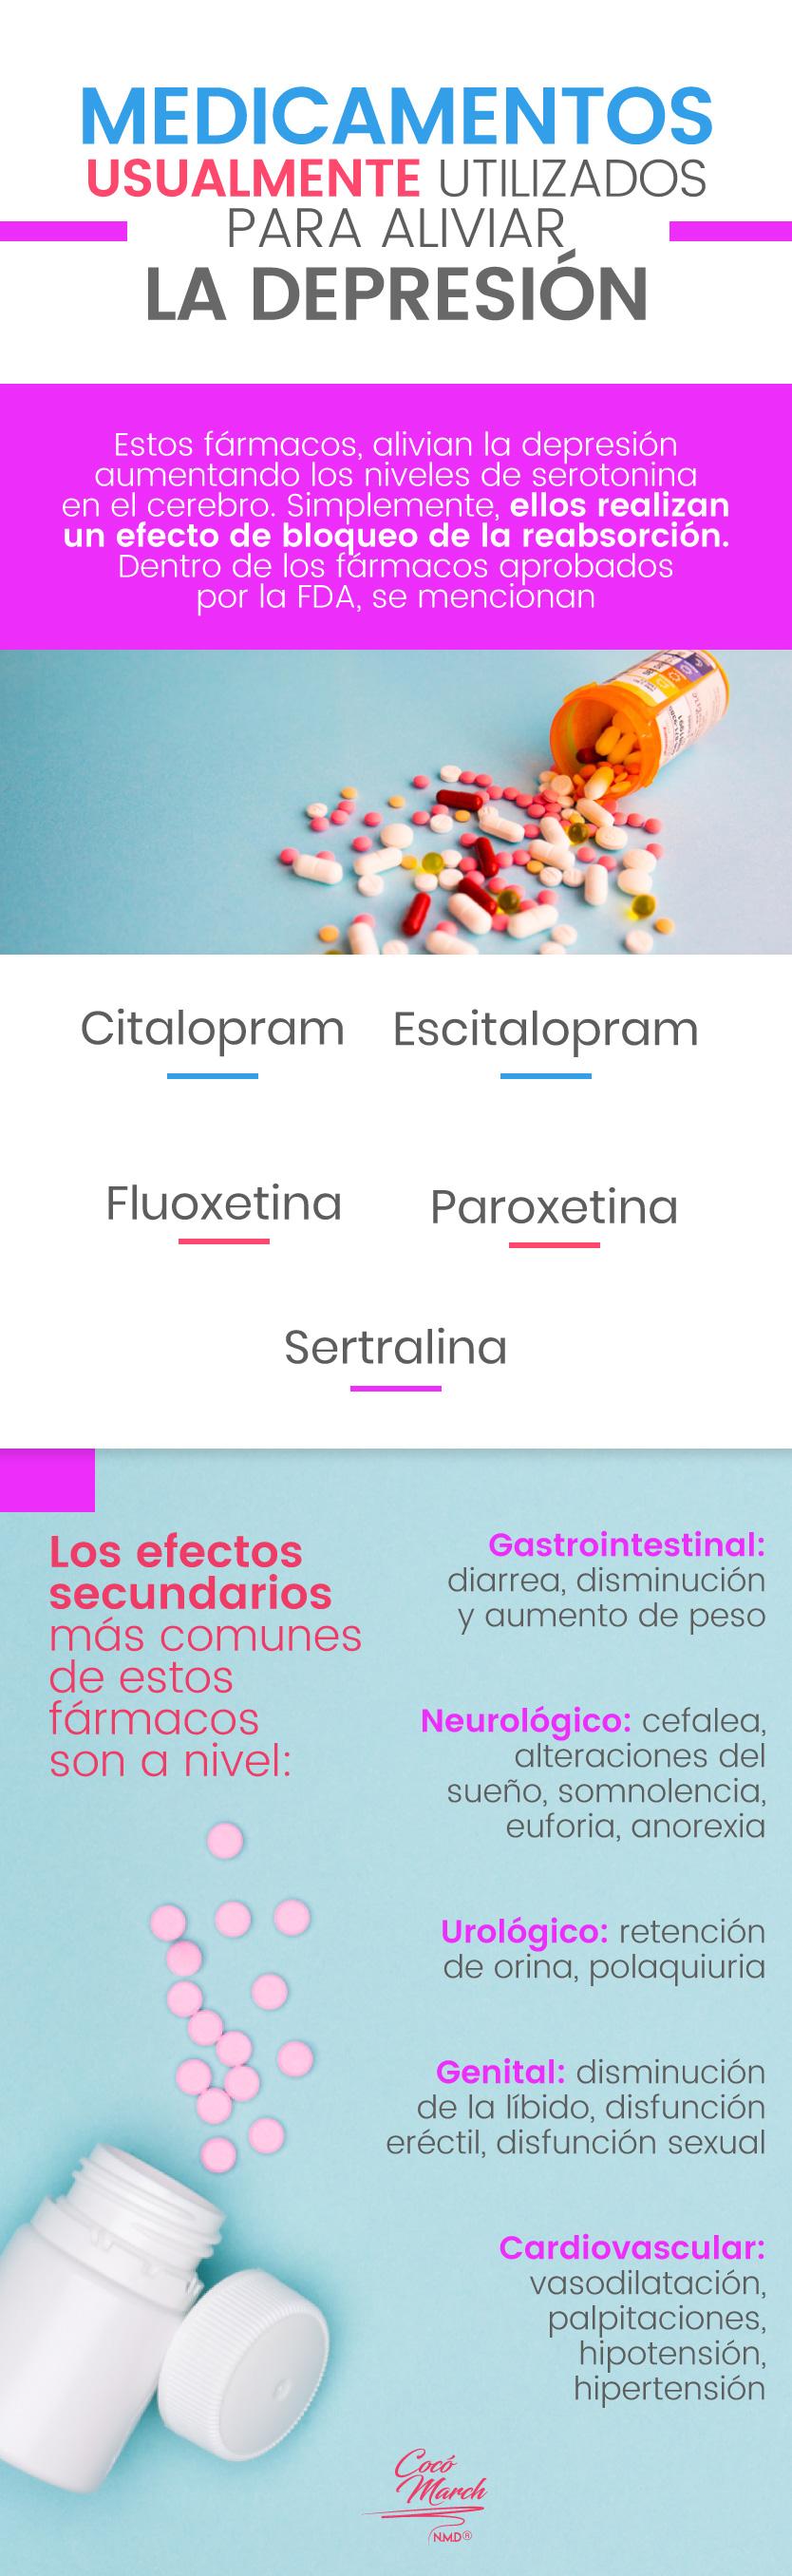 medicamentos-para-la-depresion